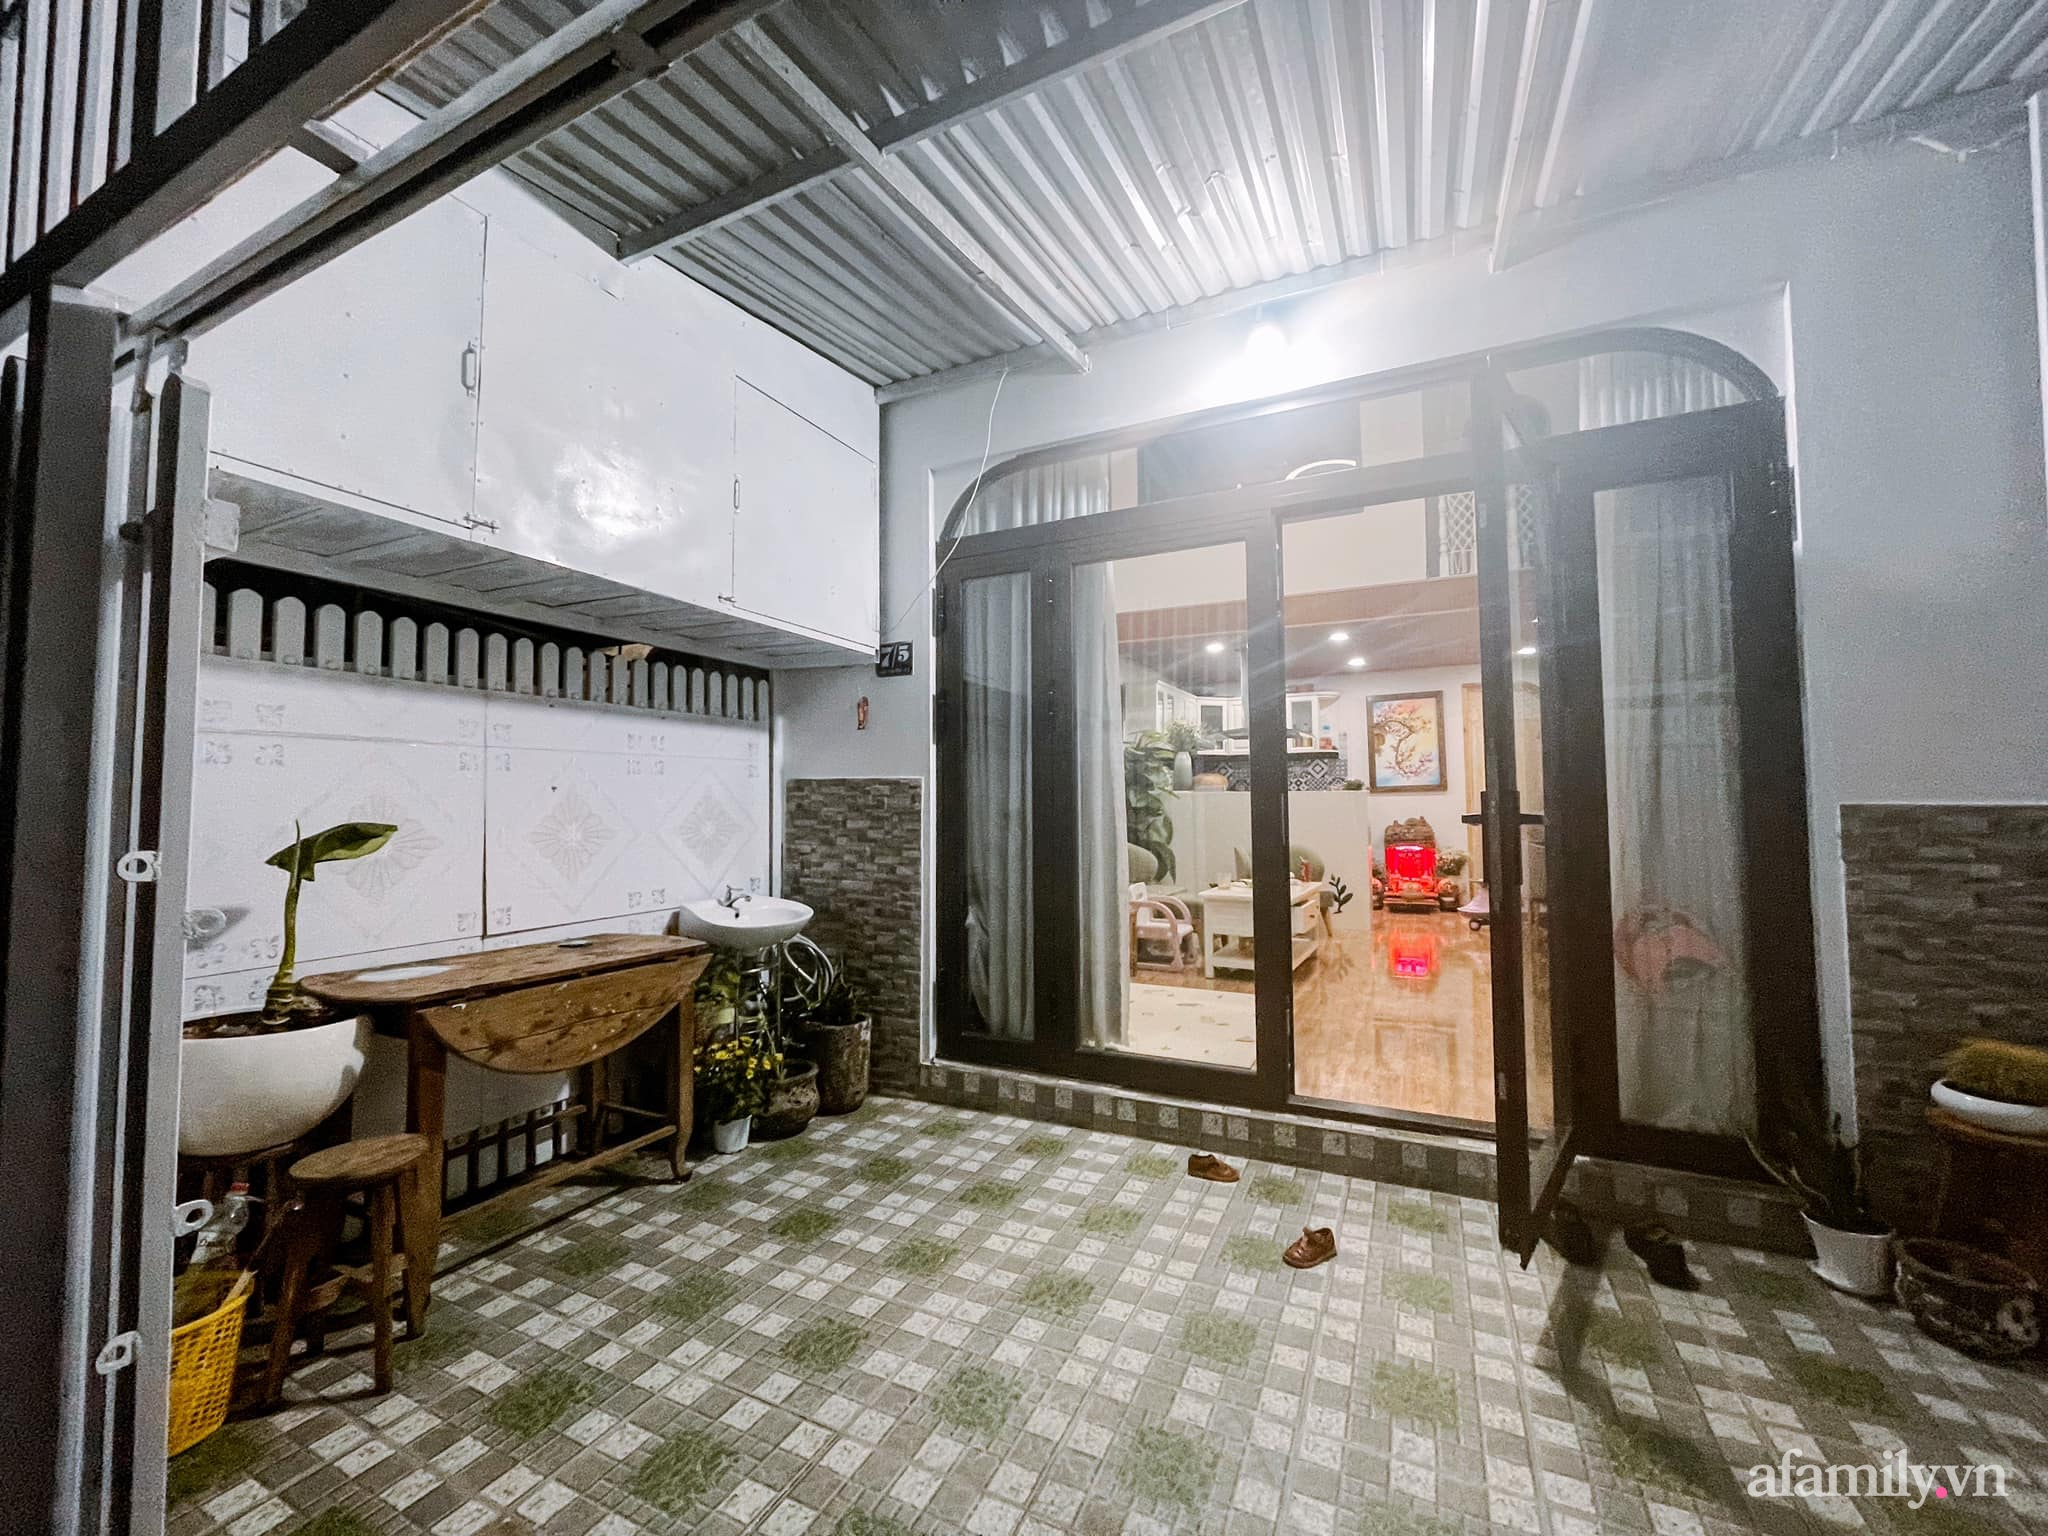 Mua lại căn nhà 63m², cặp vợ chồng trẻ cải tạo thành không gian sống ấm cúng, tiện nghi đủ đường ở Đà Lạt - Ảnh 5.